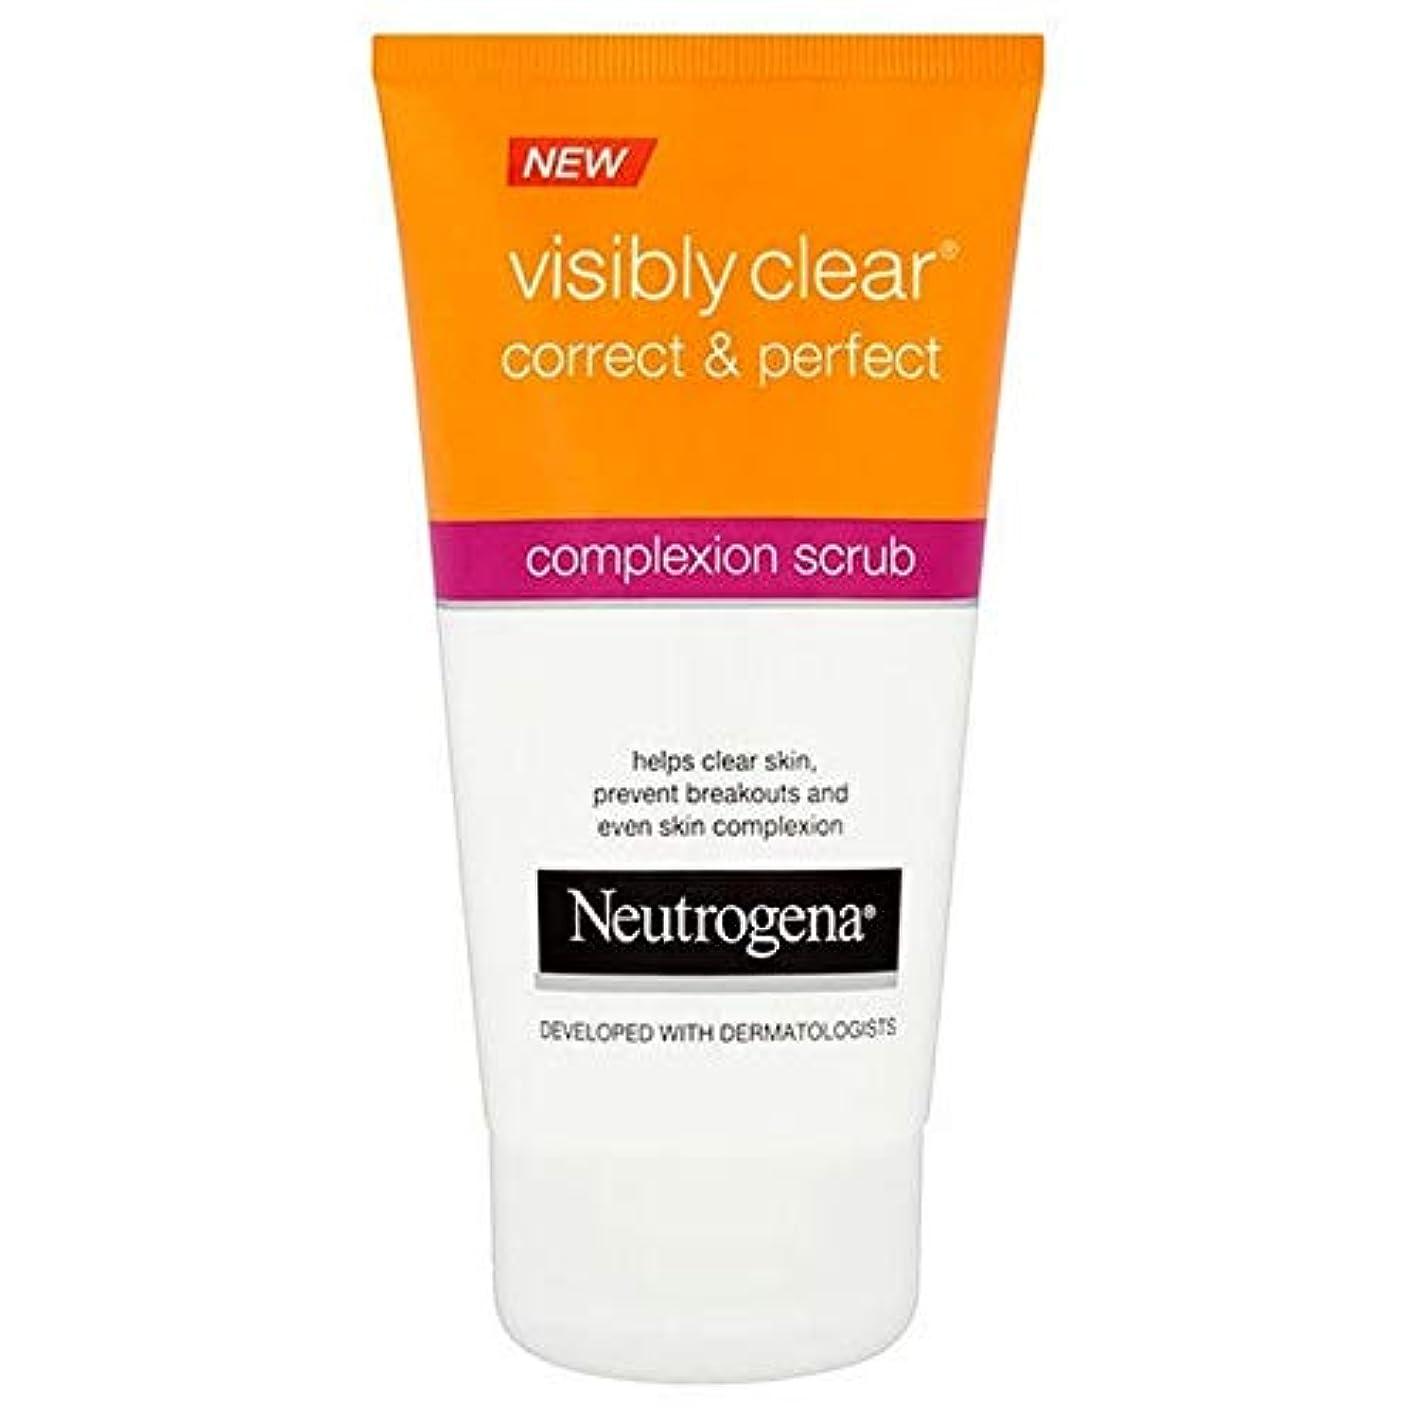 合わせてシャトル類推[Neutrogena] ニュートロジーナ目に見えて明らかに正しいと完璧な顔色スクラブ - Neutrogena Visibly Clear Correct & Perfect Complexion Scrub [並行輸入品]